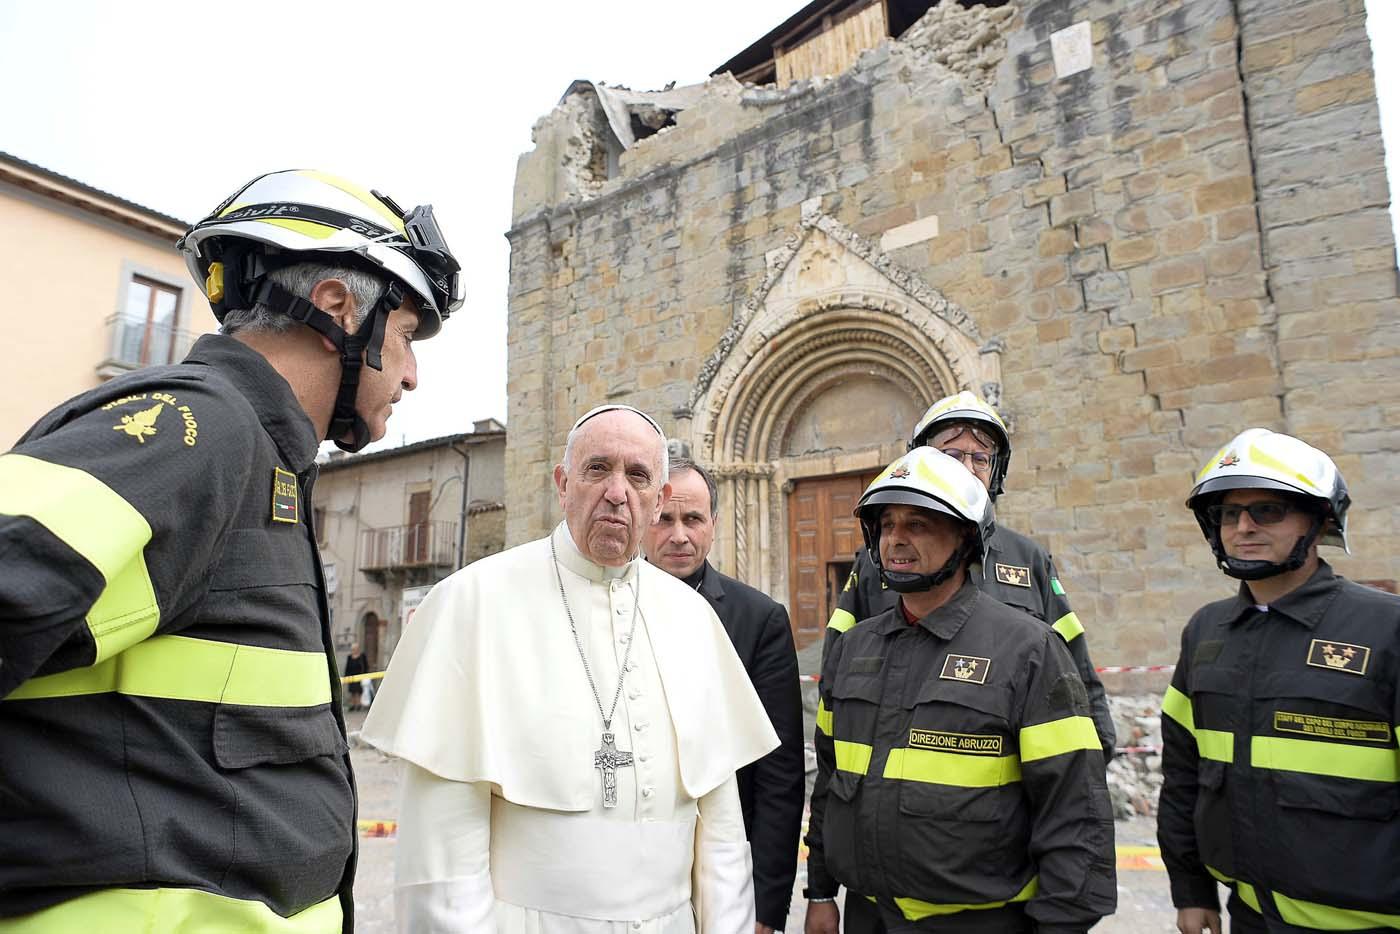 2016-10-04T084651Z_1592735644_S1BEUEZTBNAB_RTRMADP_3_POPE-AMATRICE-QUAKE